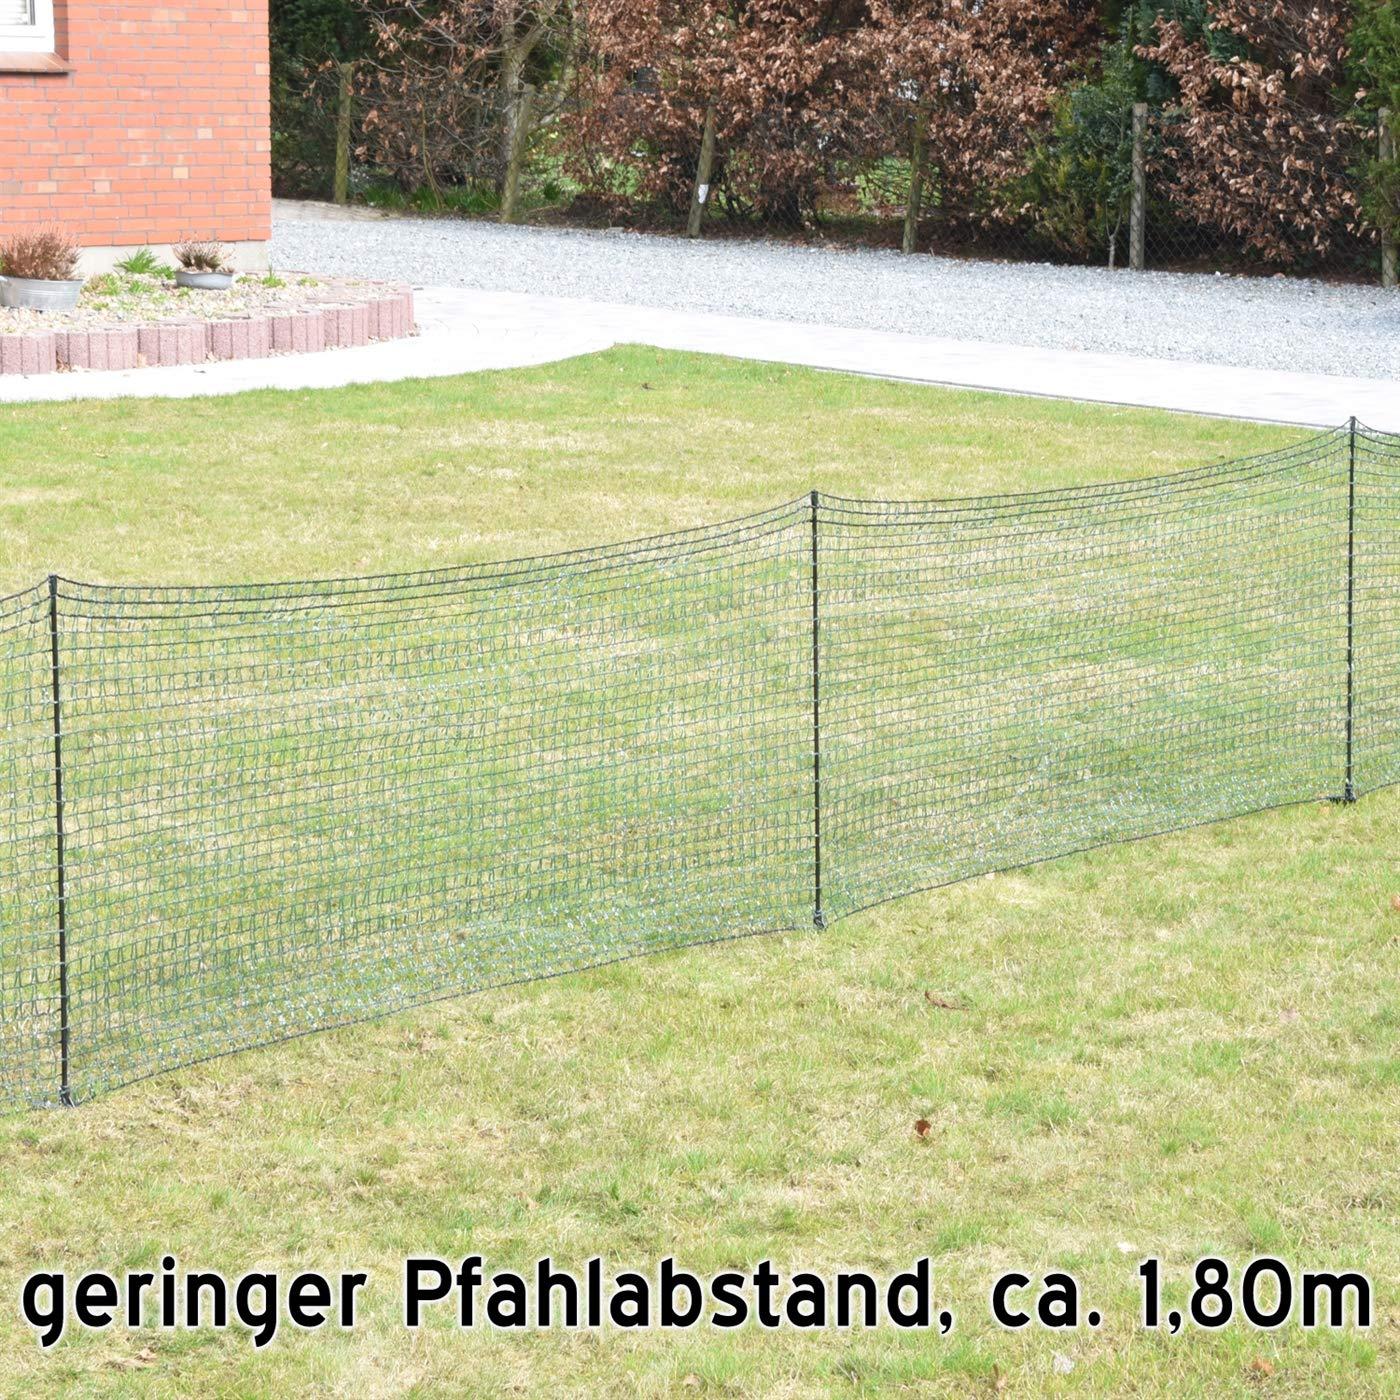 Welpenzaun Beetschutz dunkelgr/ün VOSS.farming Gartennetz Universal Begrenzungszaun Classic 20 m Premium 80 cm 12 Pf/ähle Hundezaun